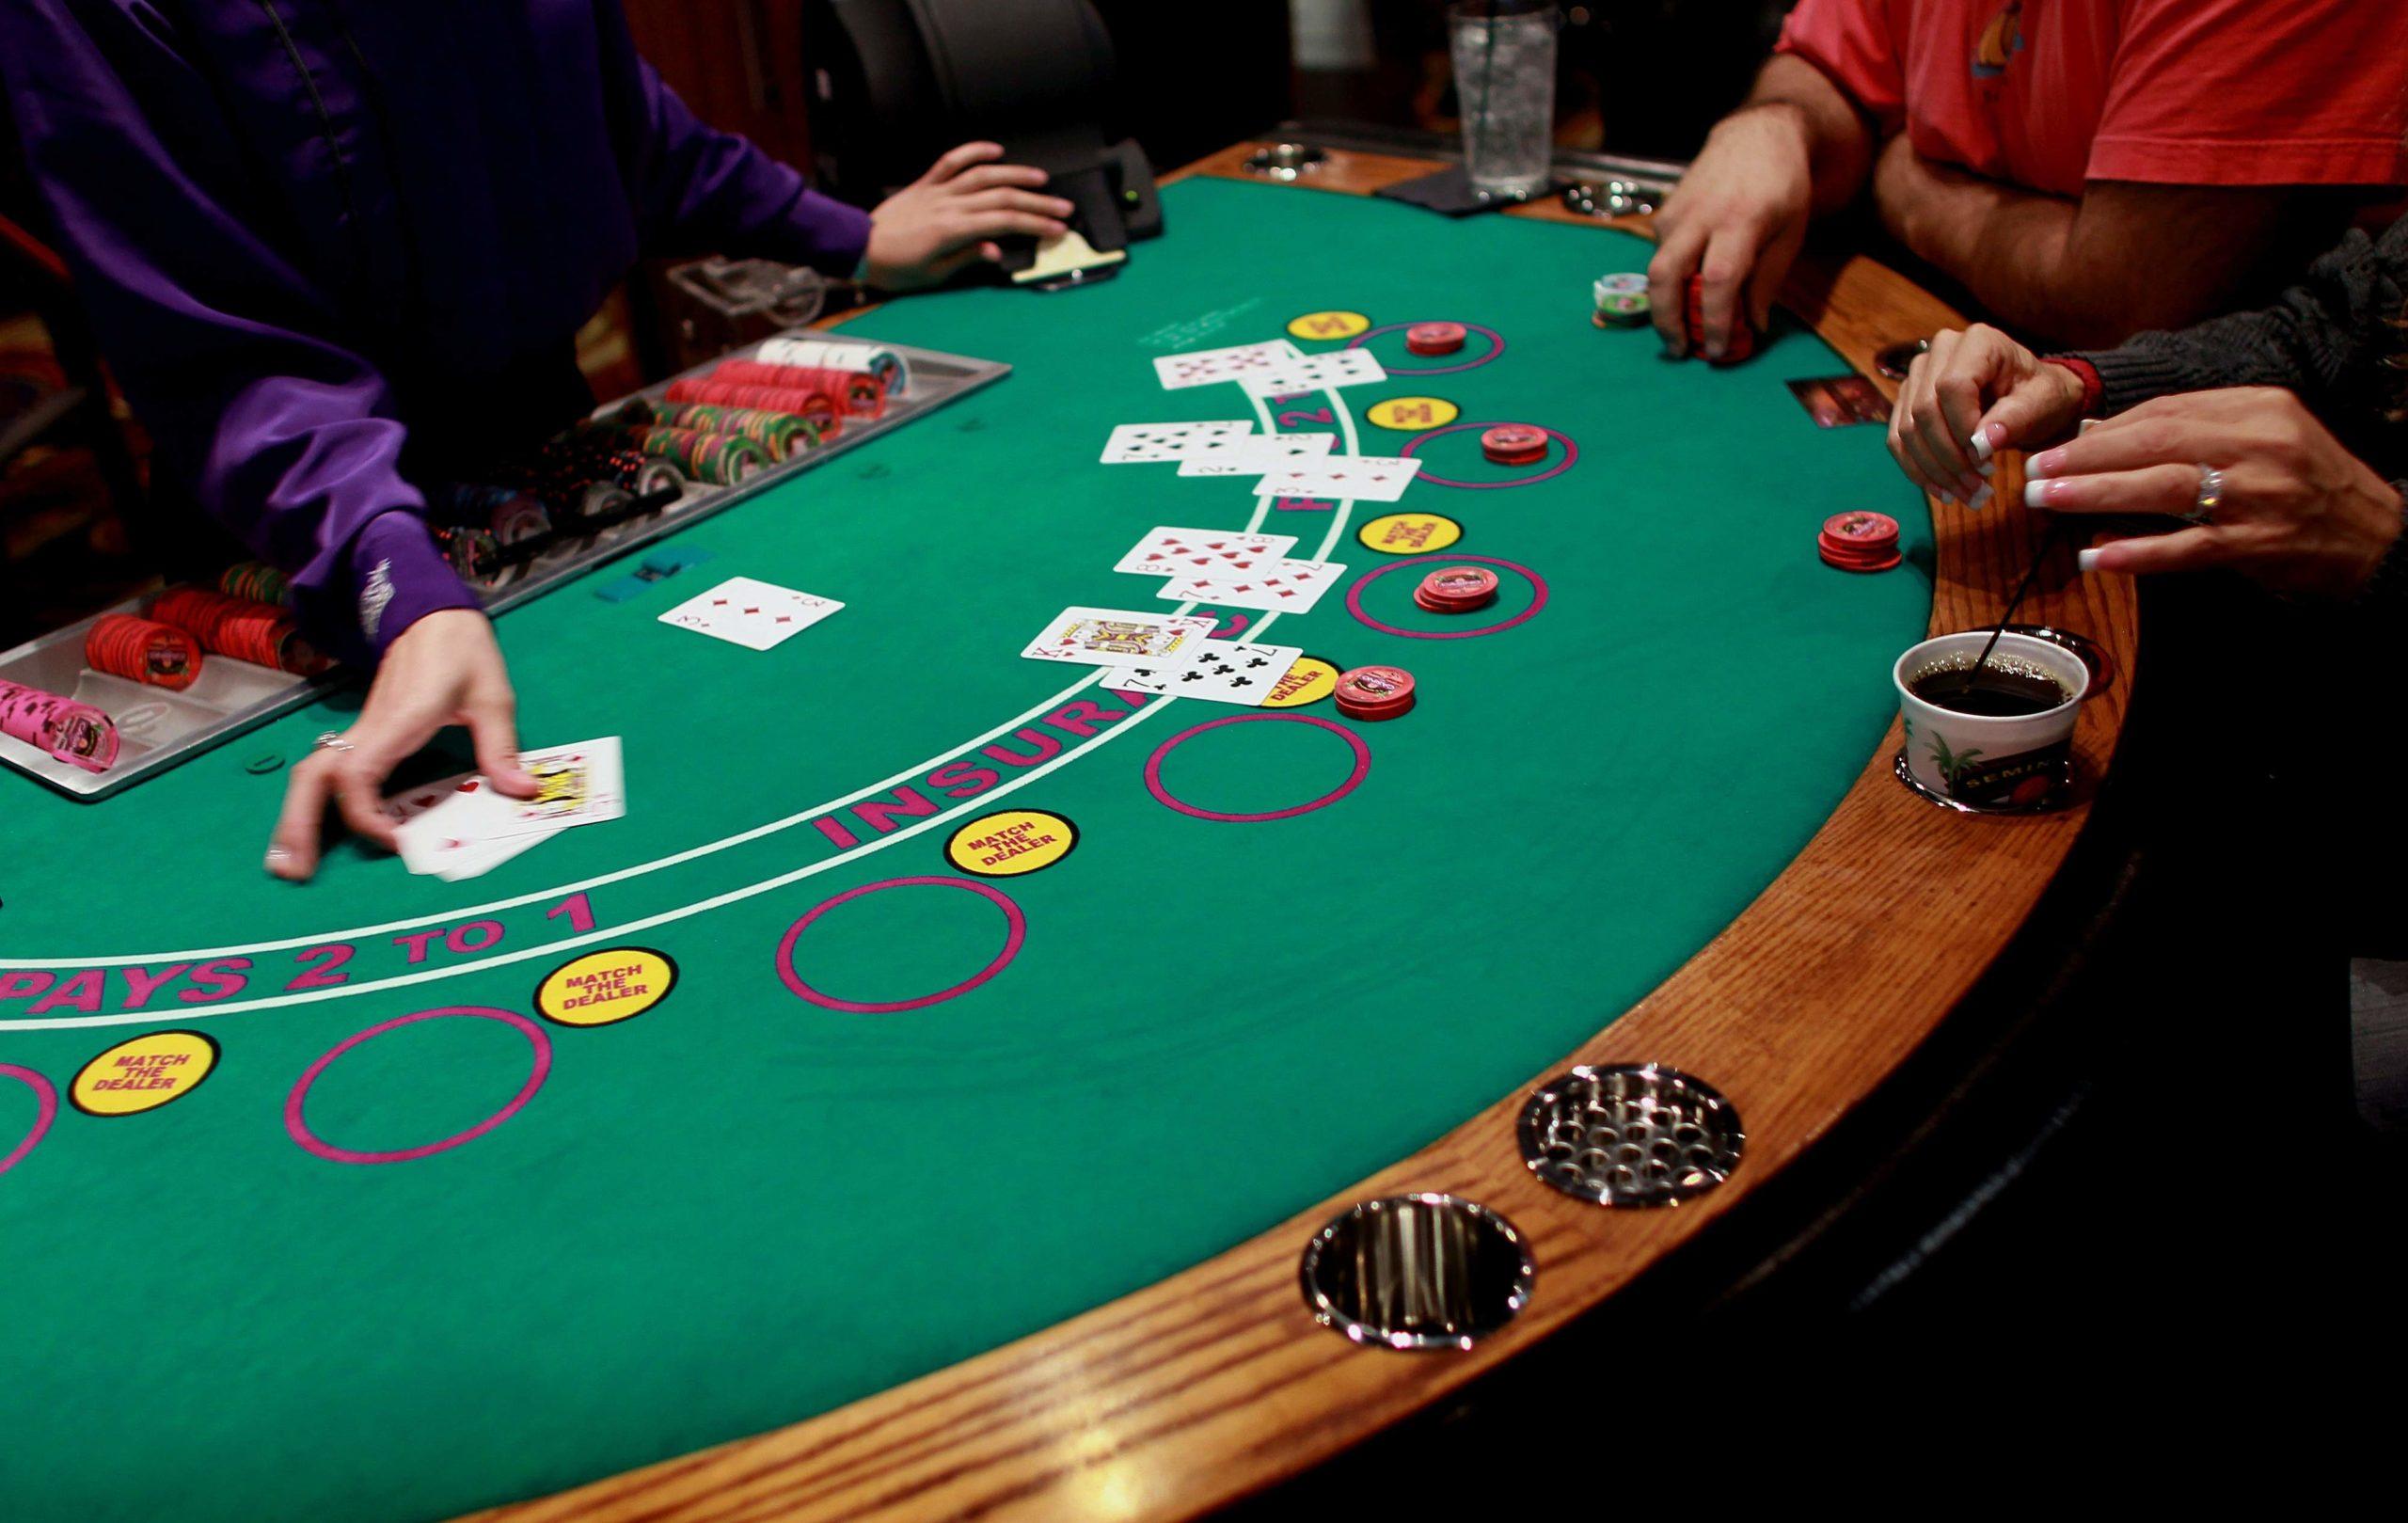 احتمالات الفوز - 32474